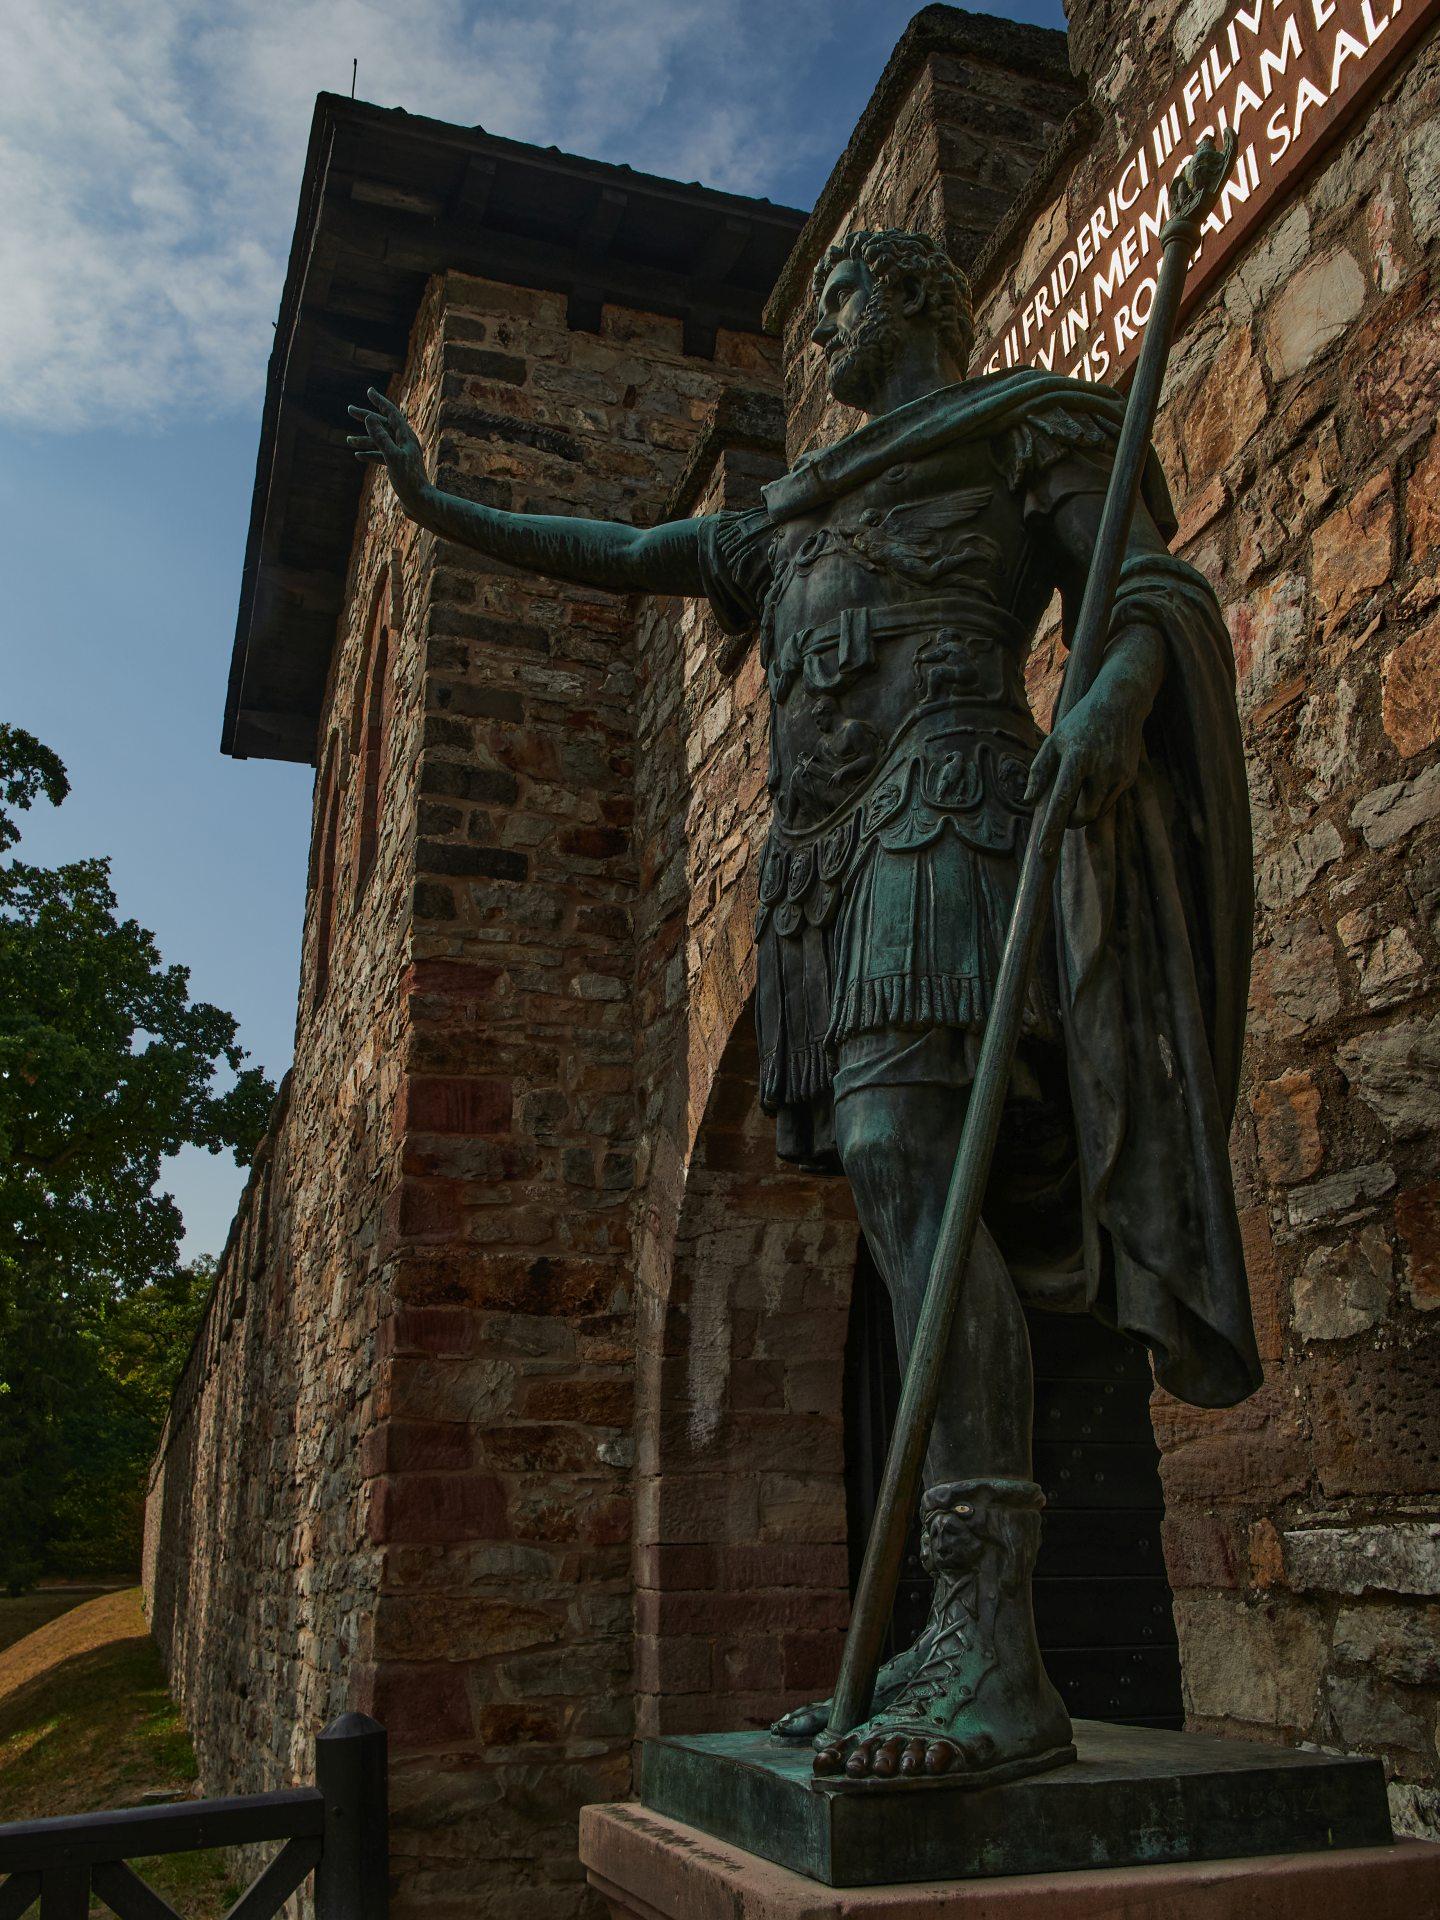 Der 99-Tage-Kaiser und Held von Königgrätz und Sedan (Friedel III). Auch wenn er hier nicht so aussieht war er die Hoffnung der Liberalen Kräfte im Kaiserreich gegen Bismarck und Willi Eins.